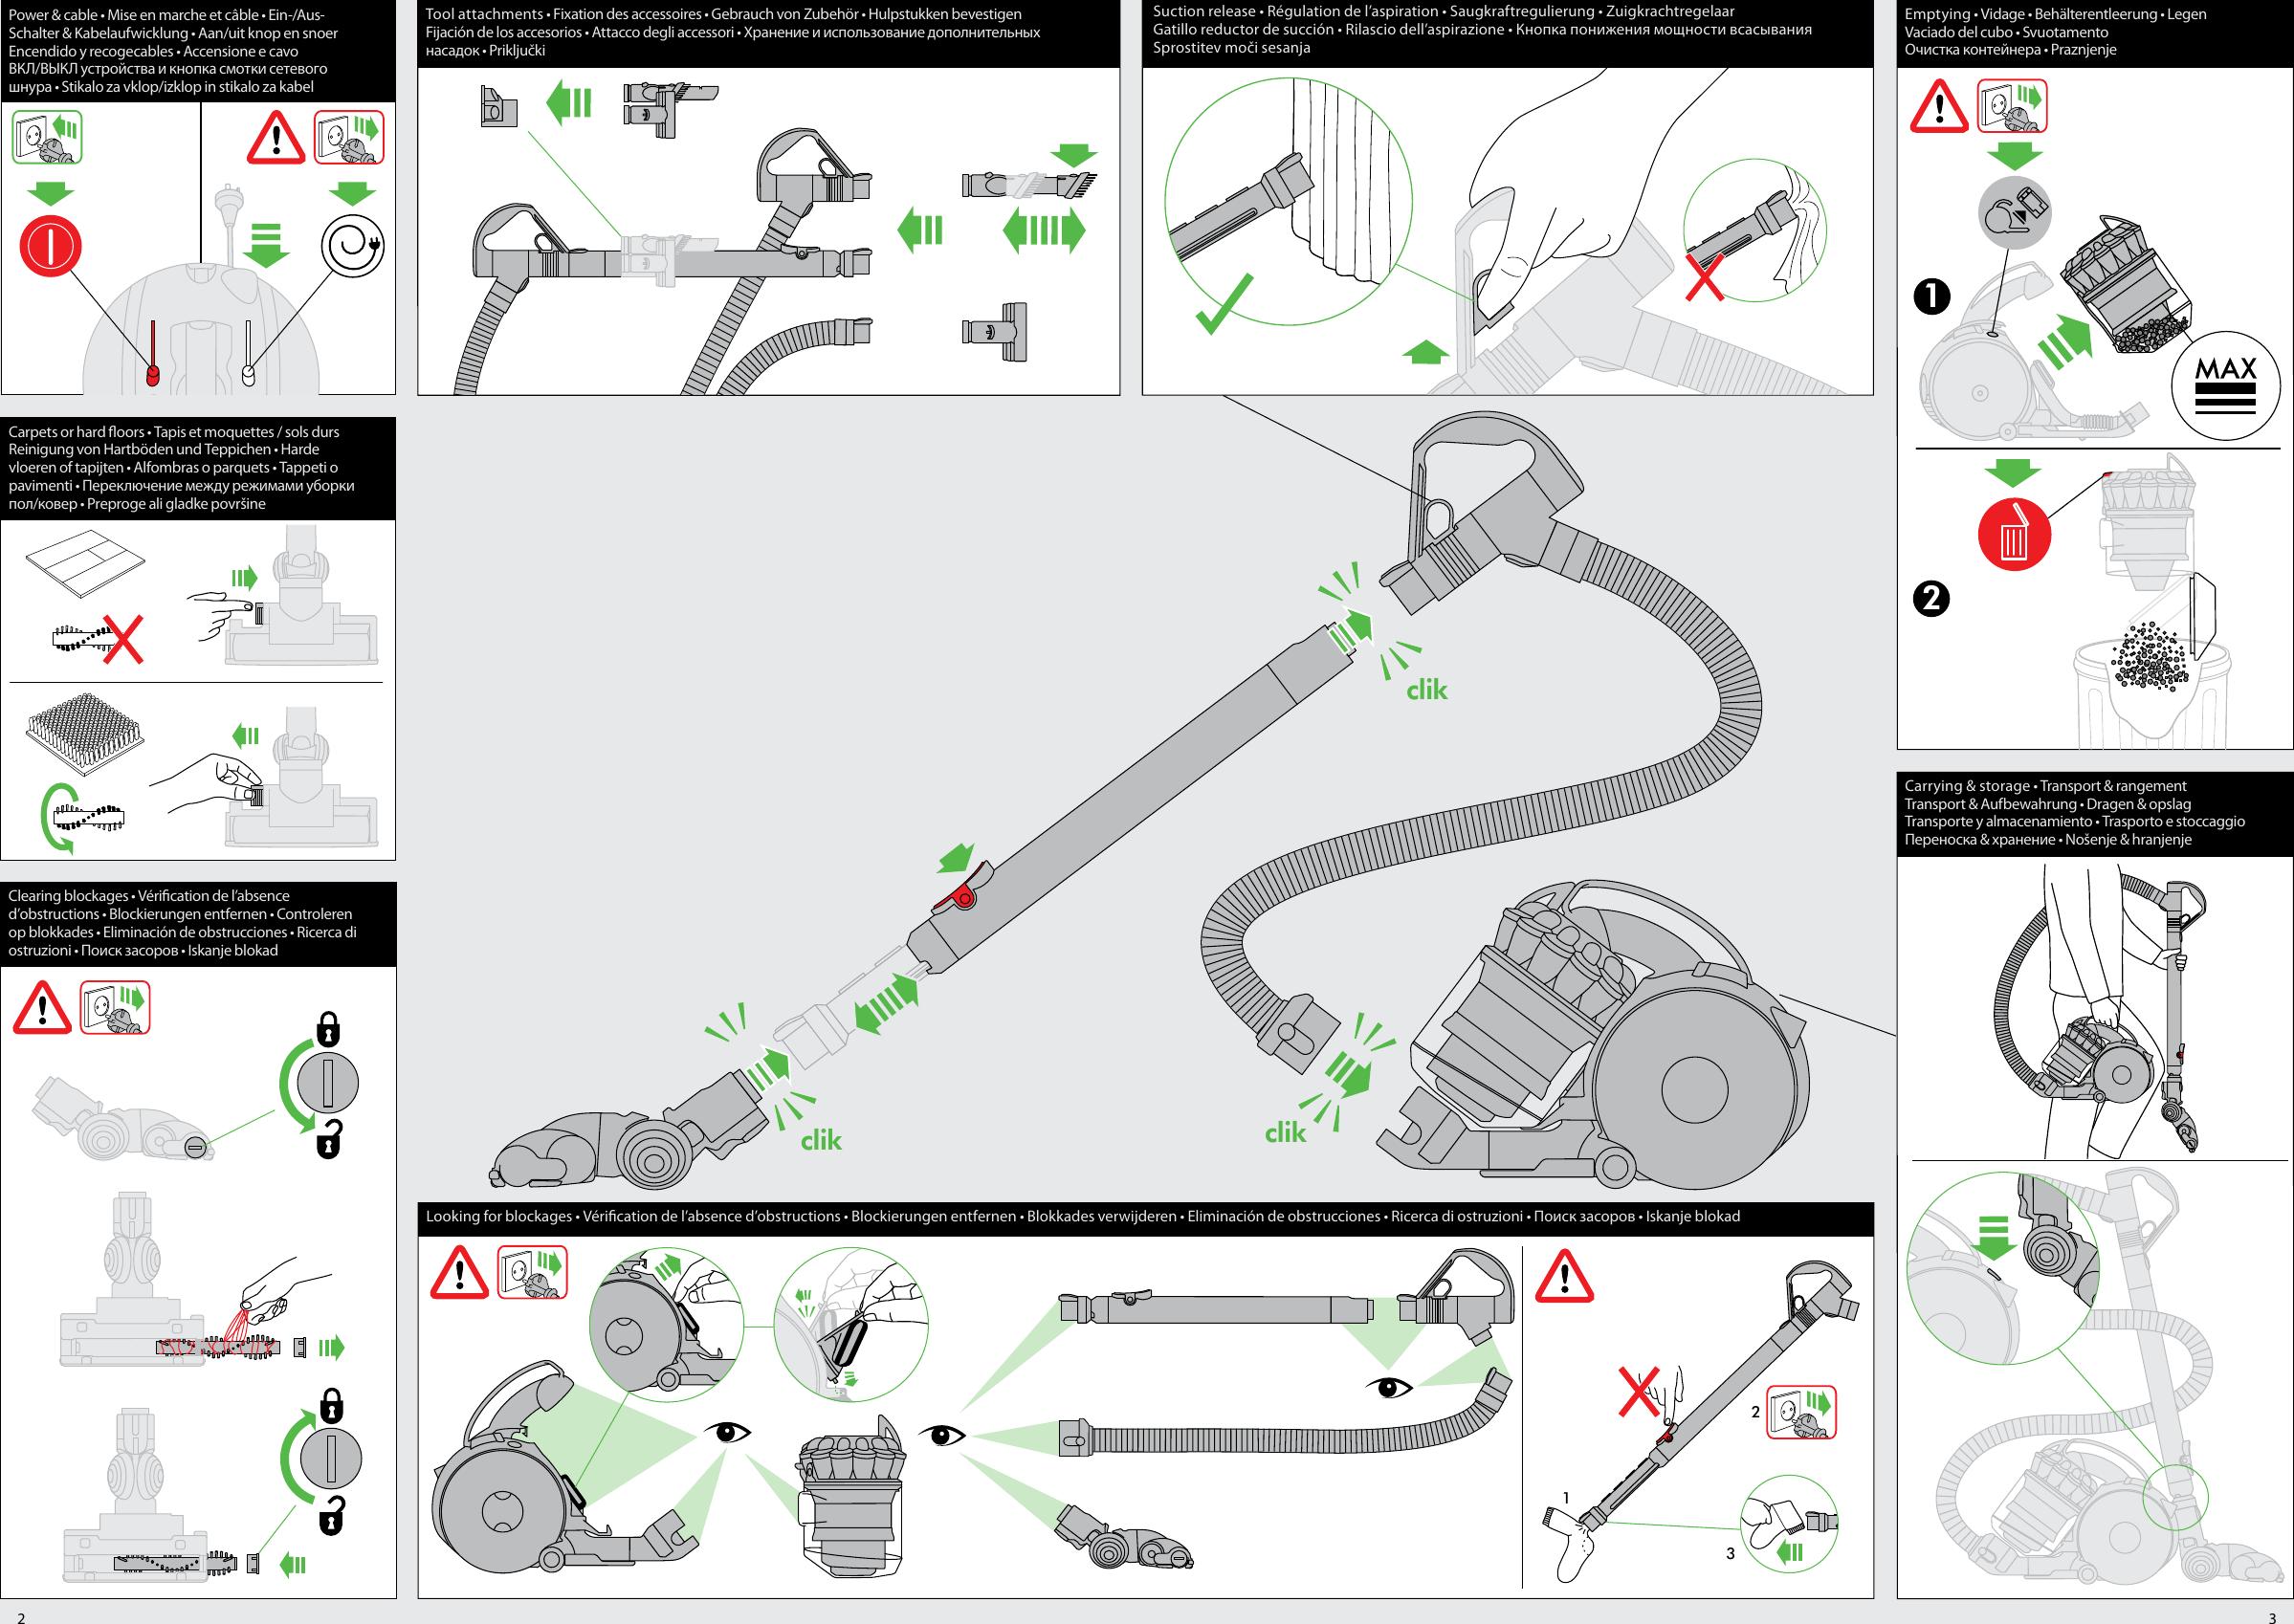 Пылесос беспроводной дайсон инструкция по эксплуатации dyson v7 обзор